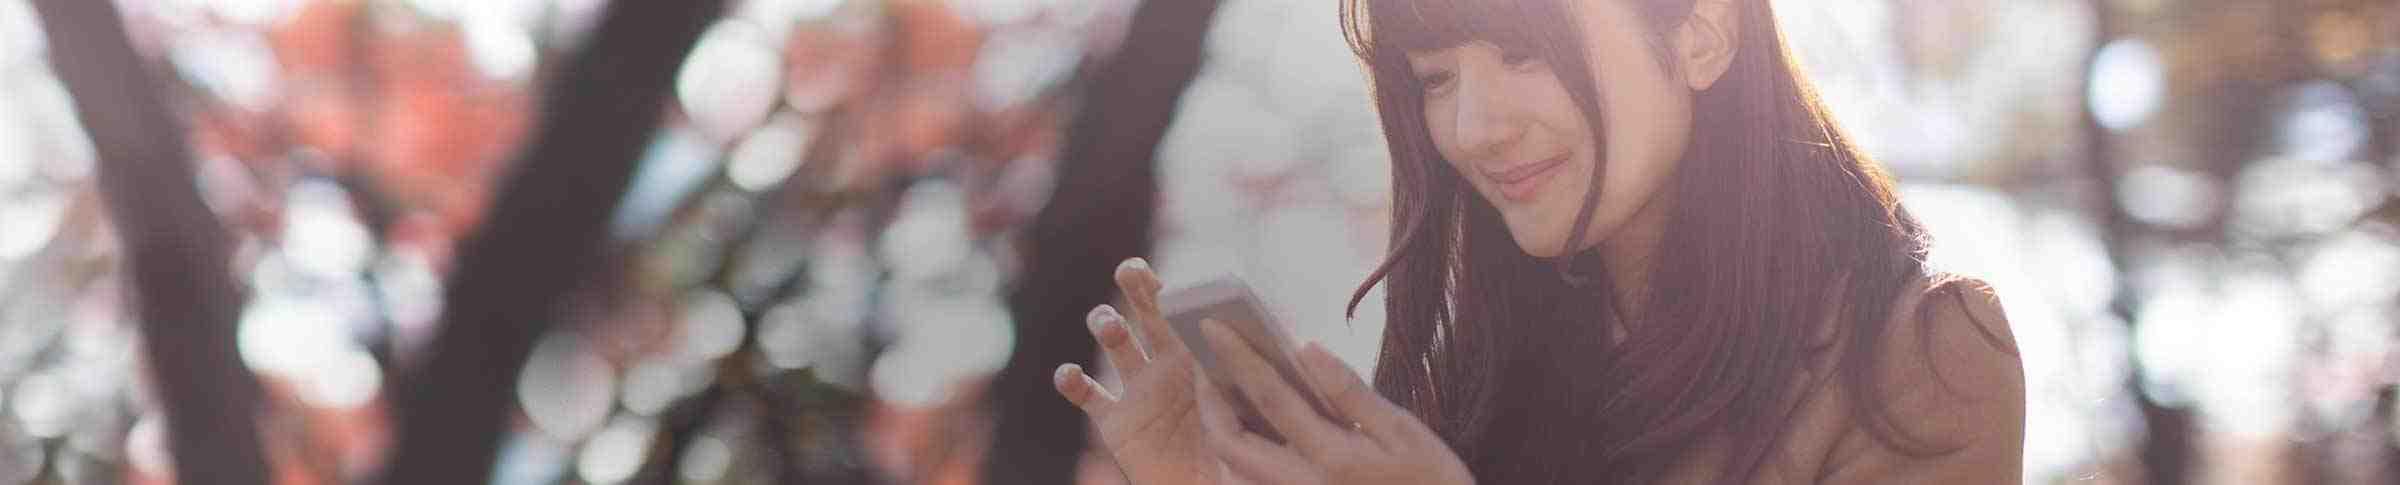 Eine junge Frau schaut auf ihr Telefon